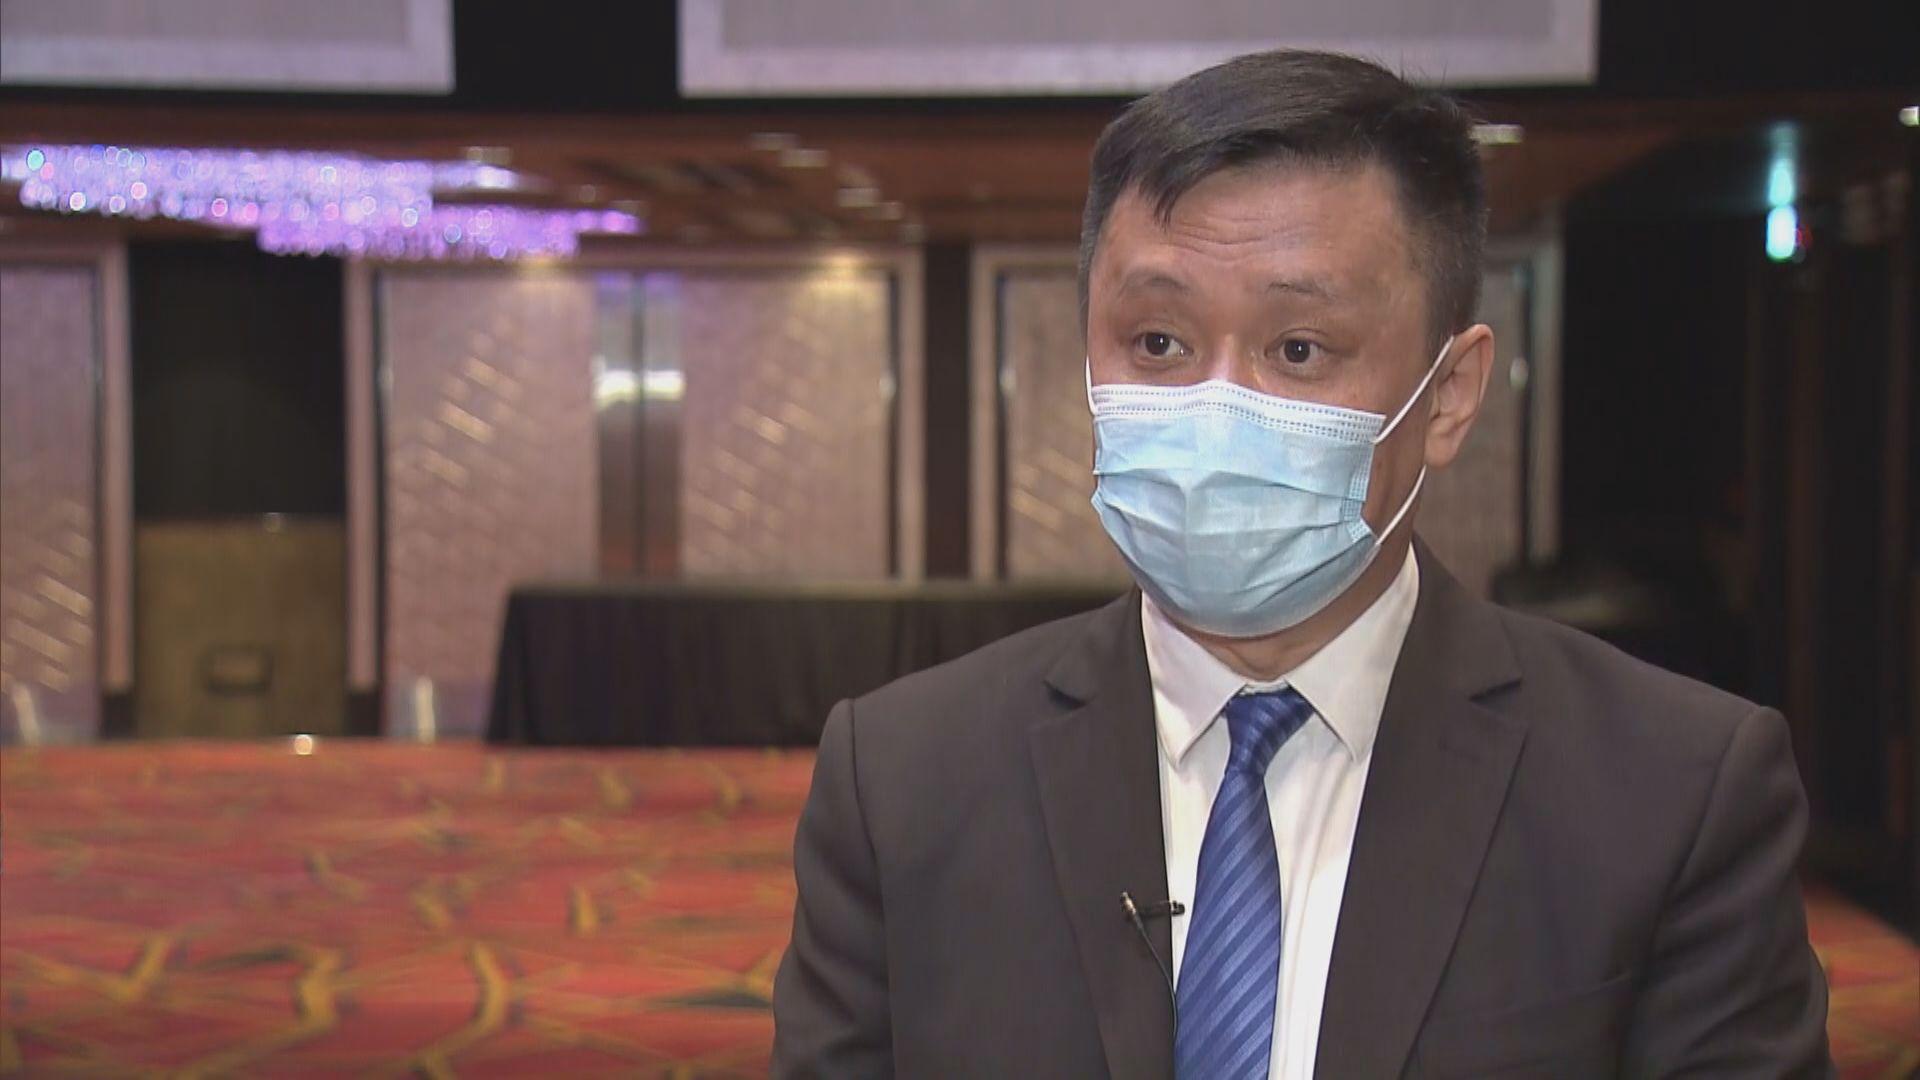 教聯會鄧飛:教育局推動教職員接種疫苗指引及宣傳不足